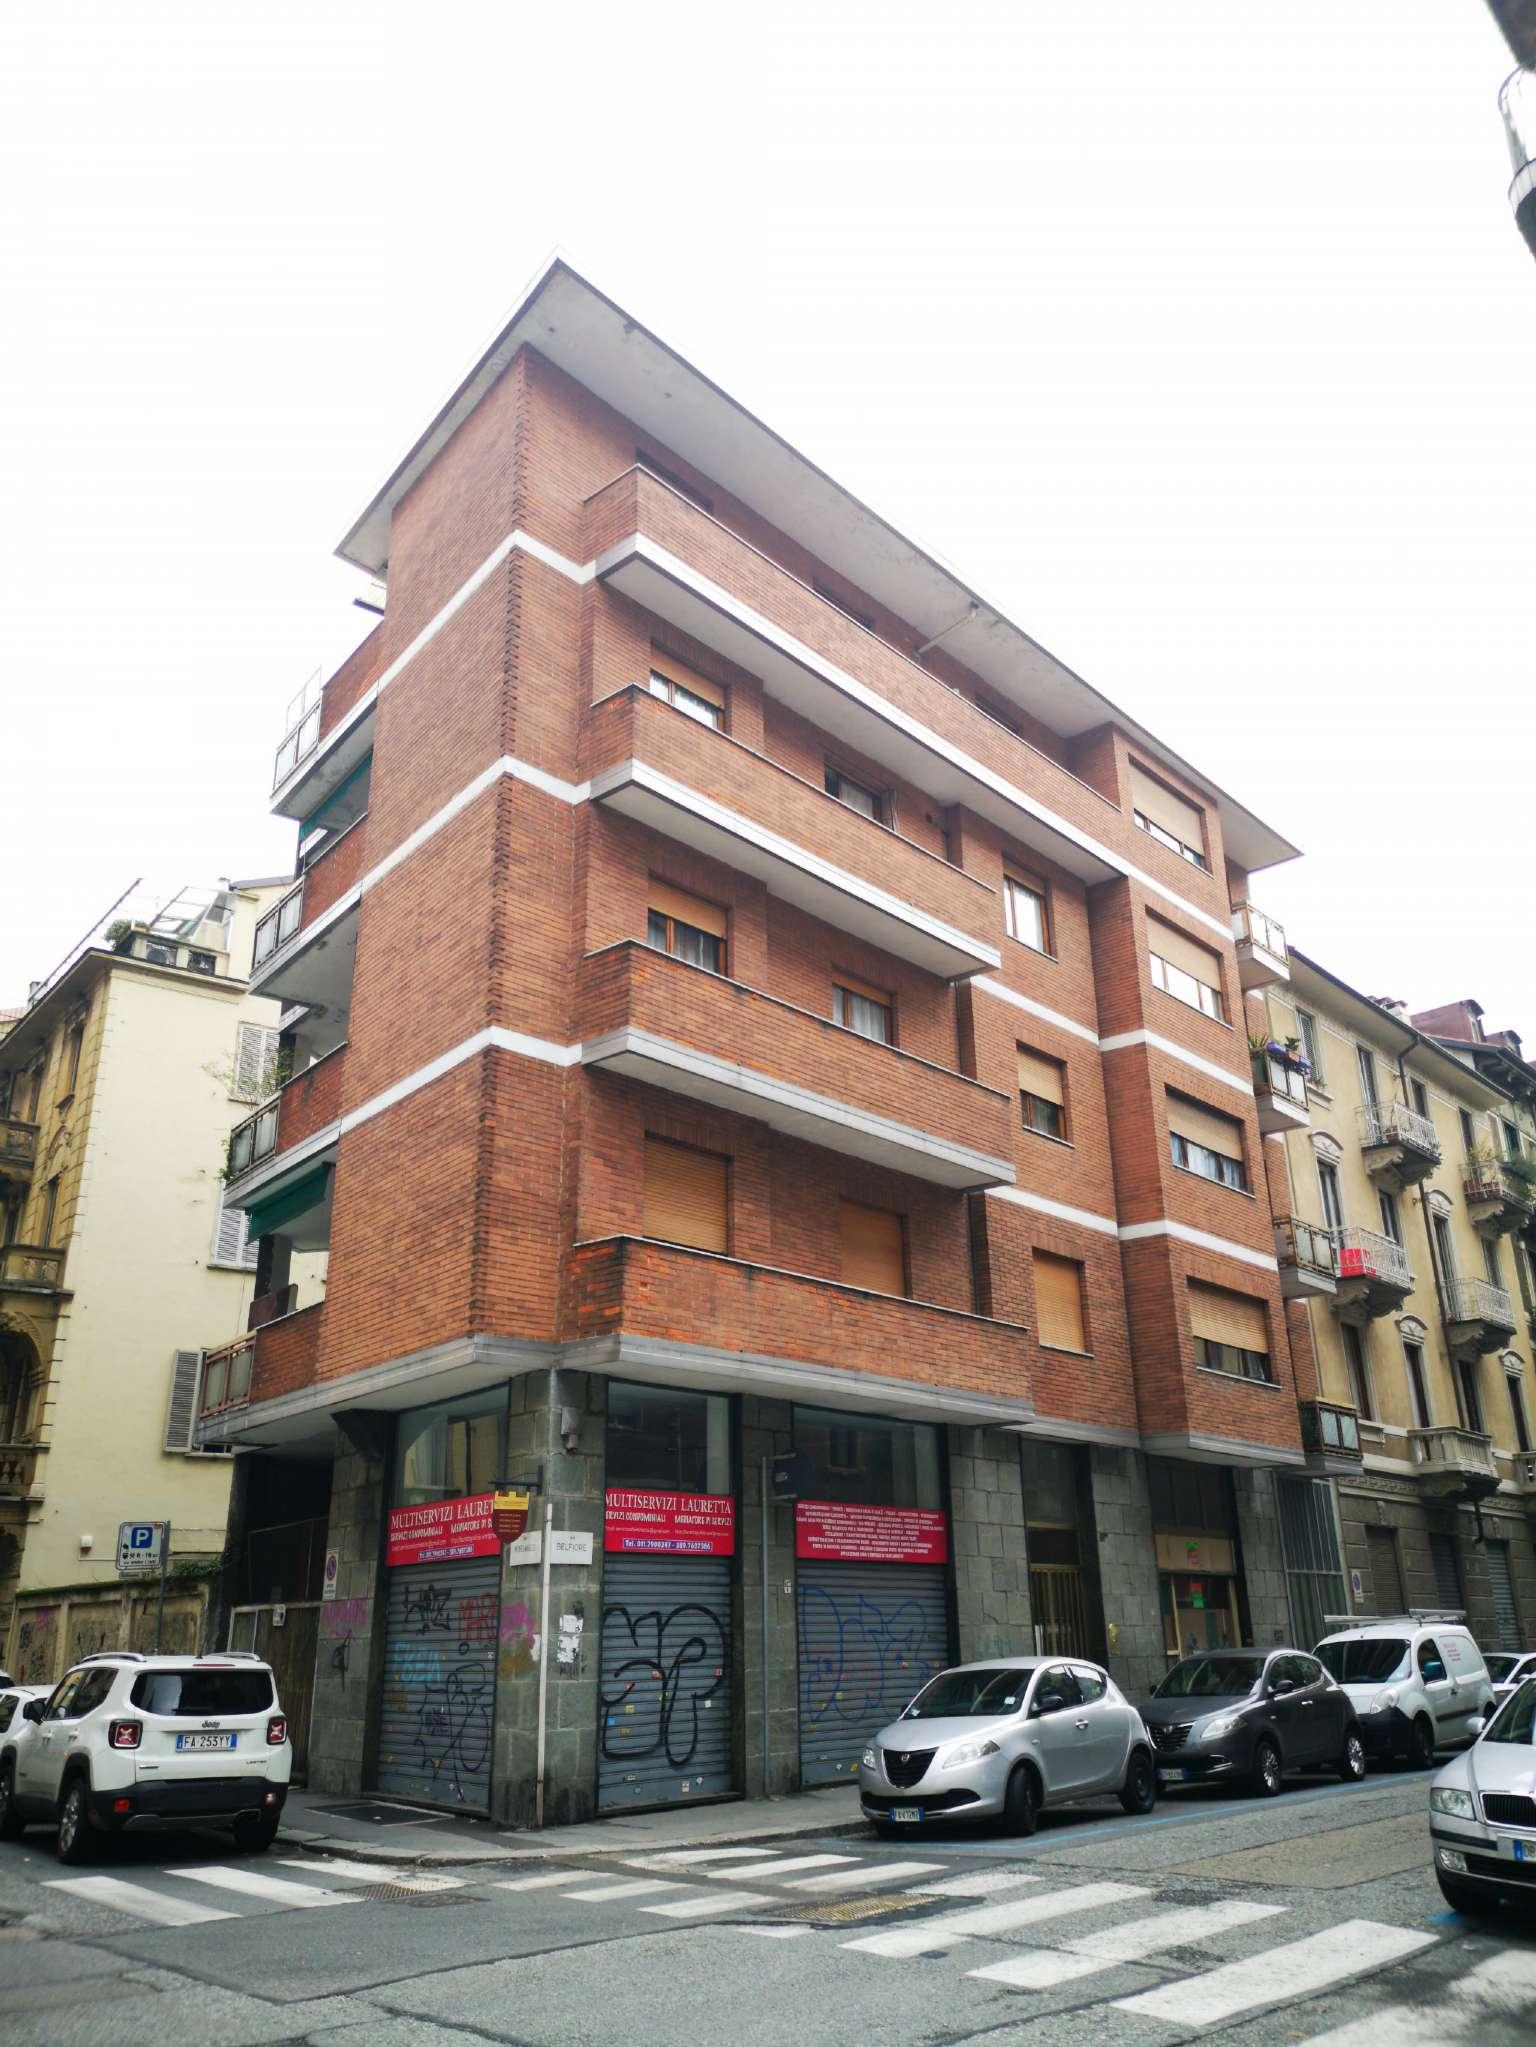 Negozio in affitto Zona San Salvario - via Belfiore Torino